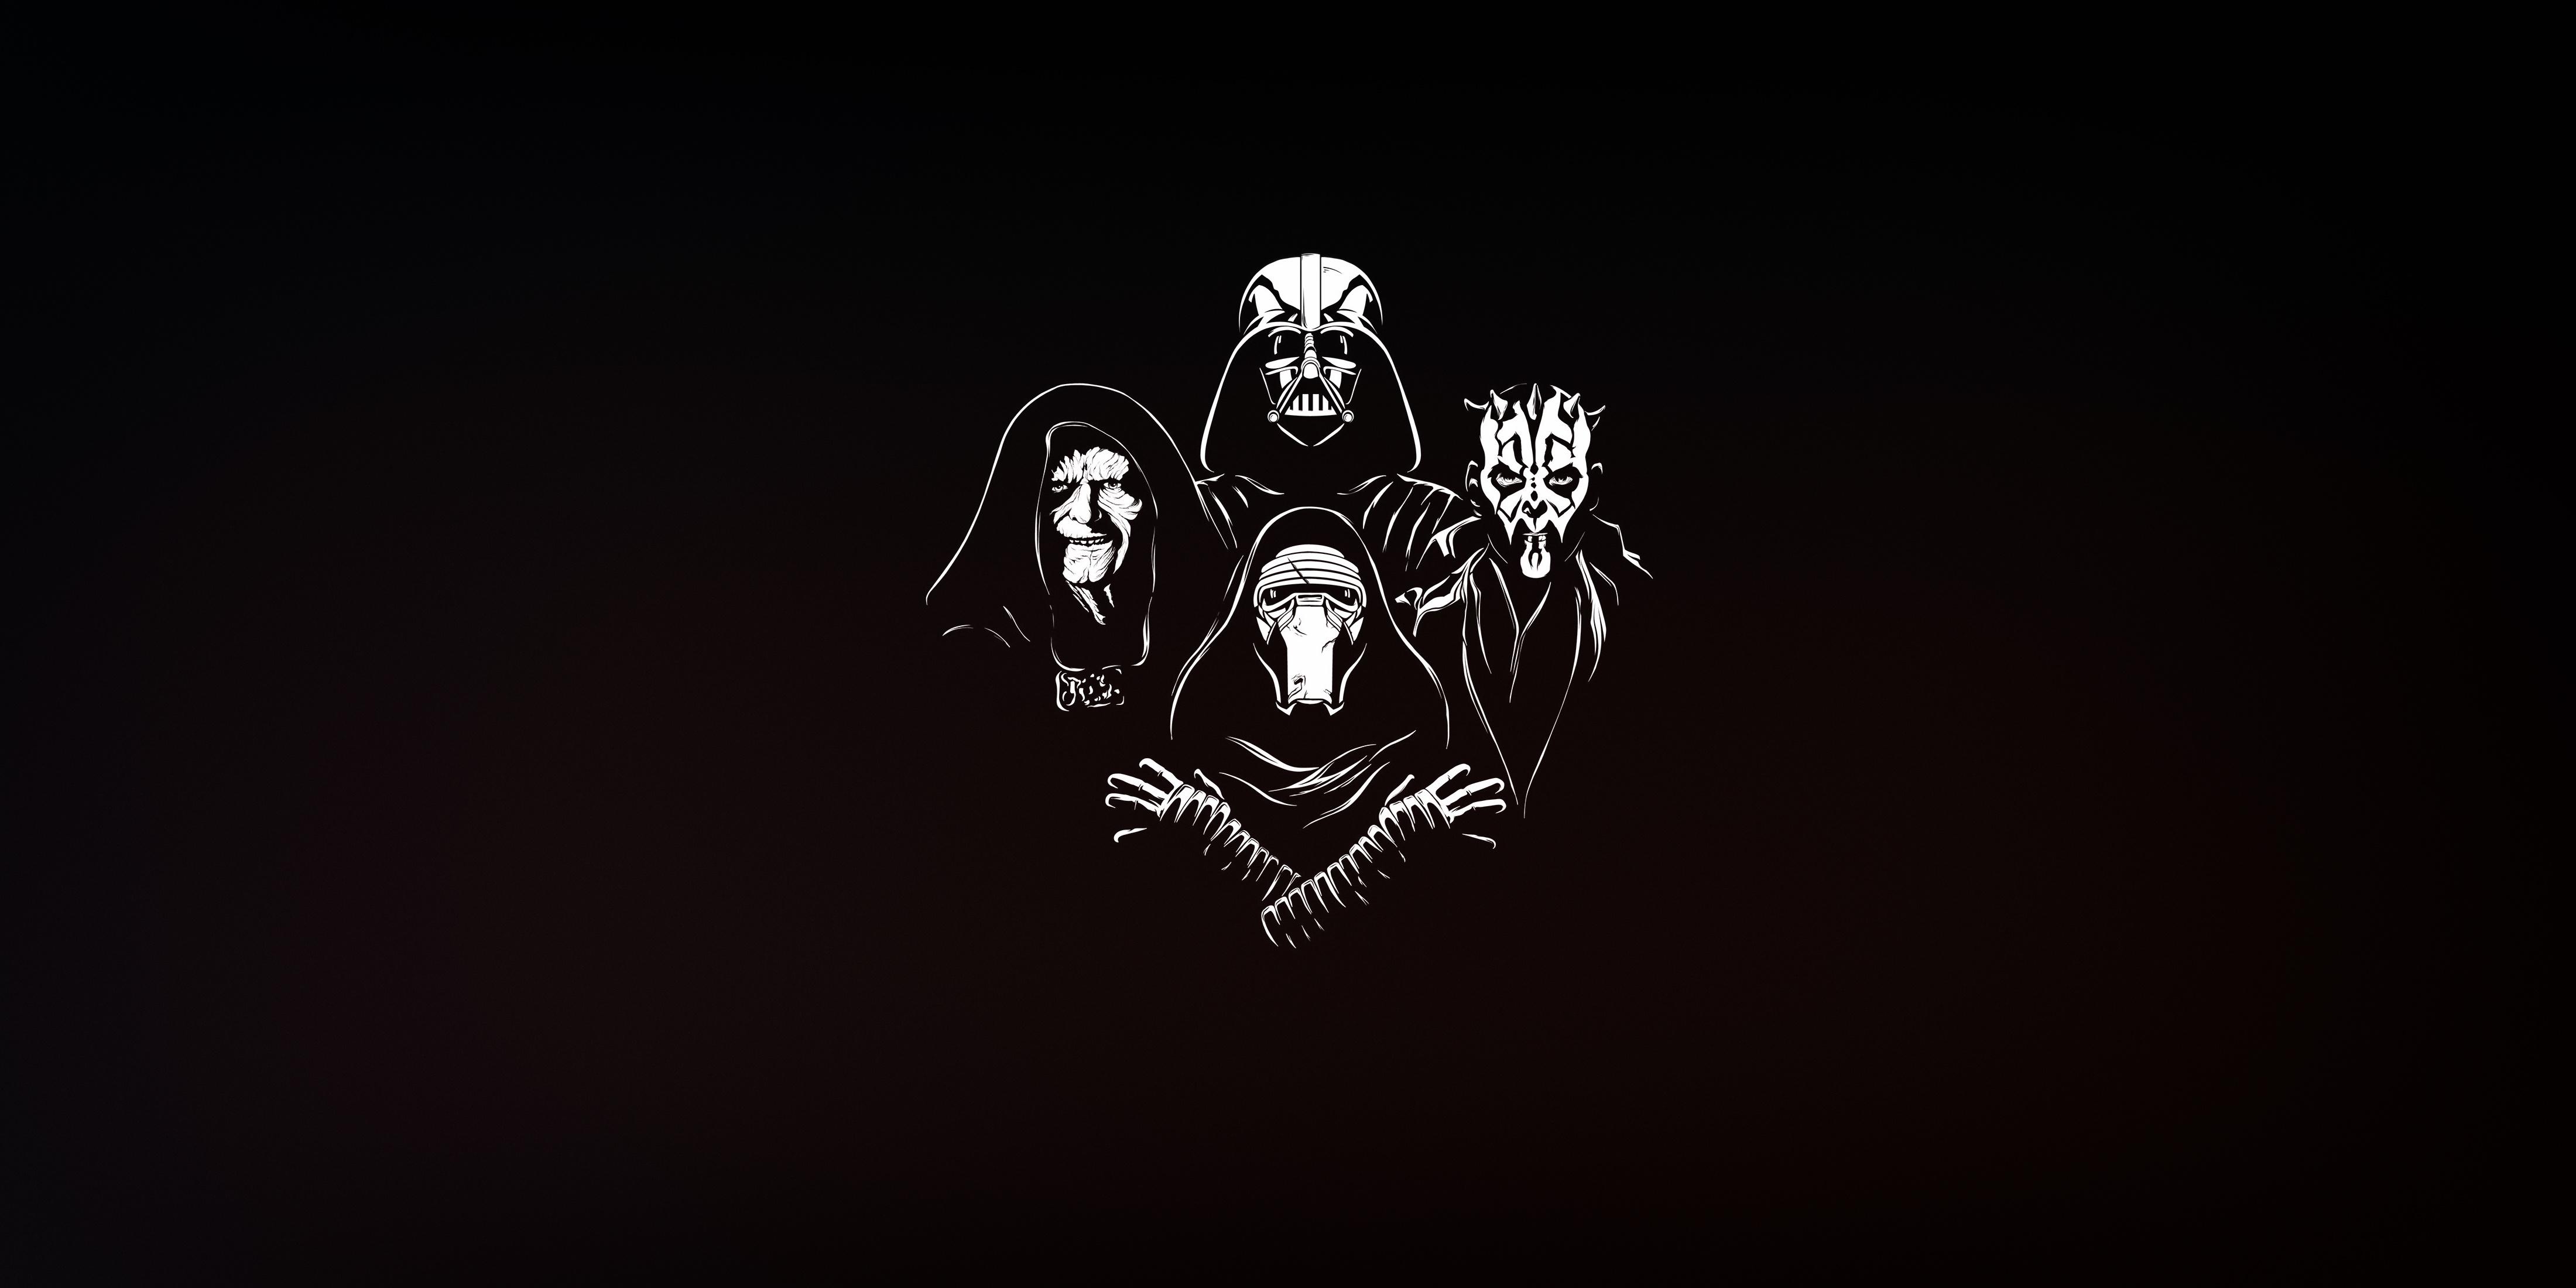 General 4400x2200 minimalism Sith Star Wars artwork simple background Darth Maul Emperor Palpatine Darth Vader Kylo Ren